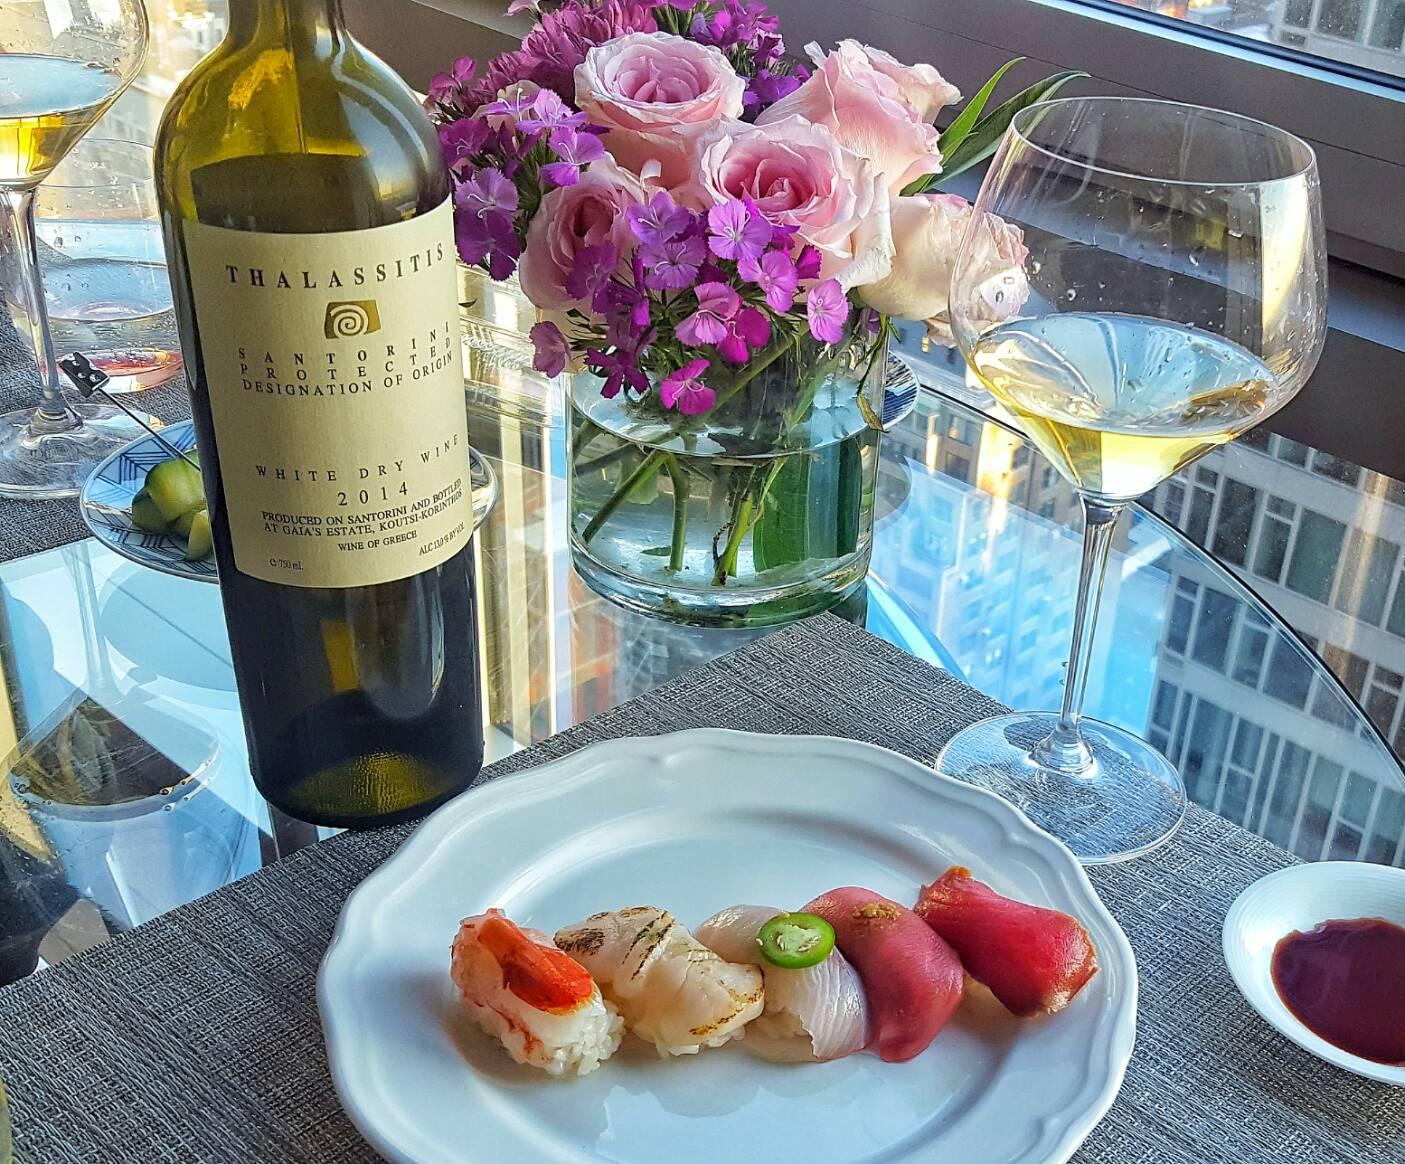 エーゲ海の自然の恵み•ギリシャの辛口白ワイン「THALASSITIS」86点